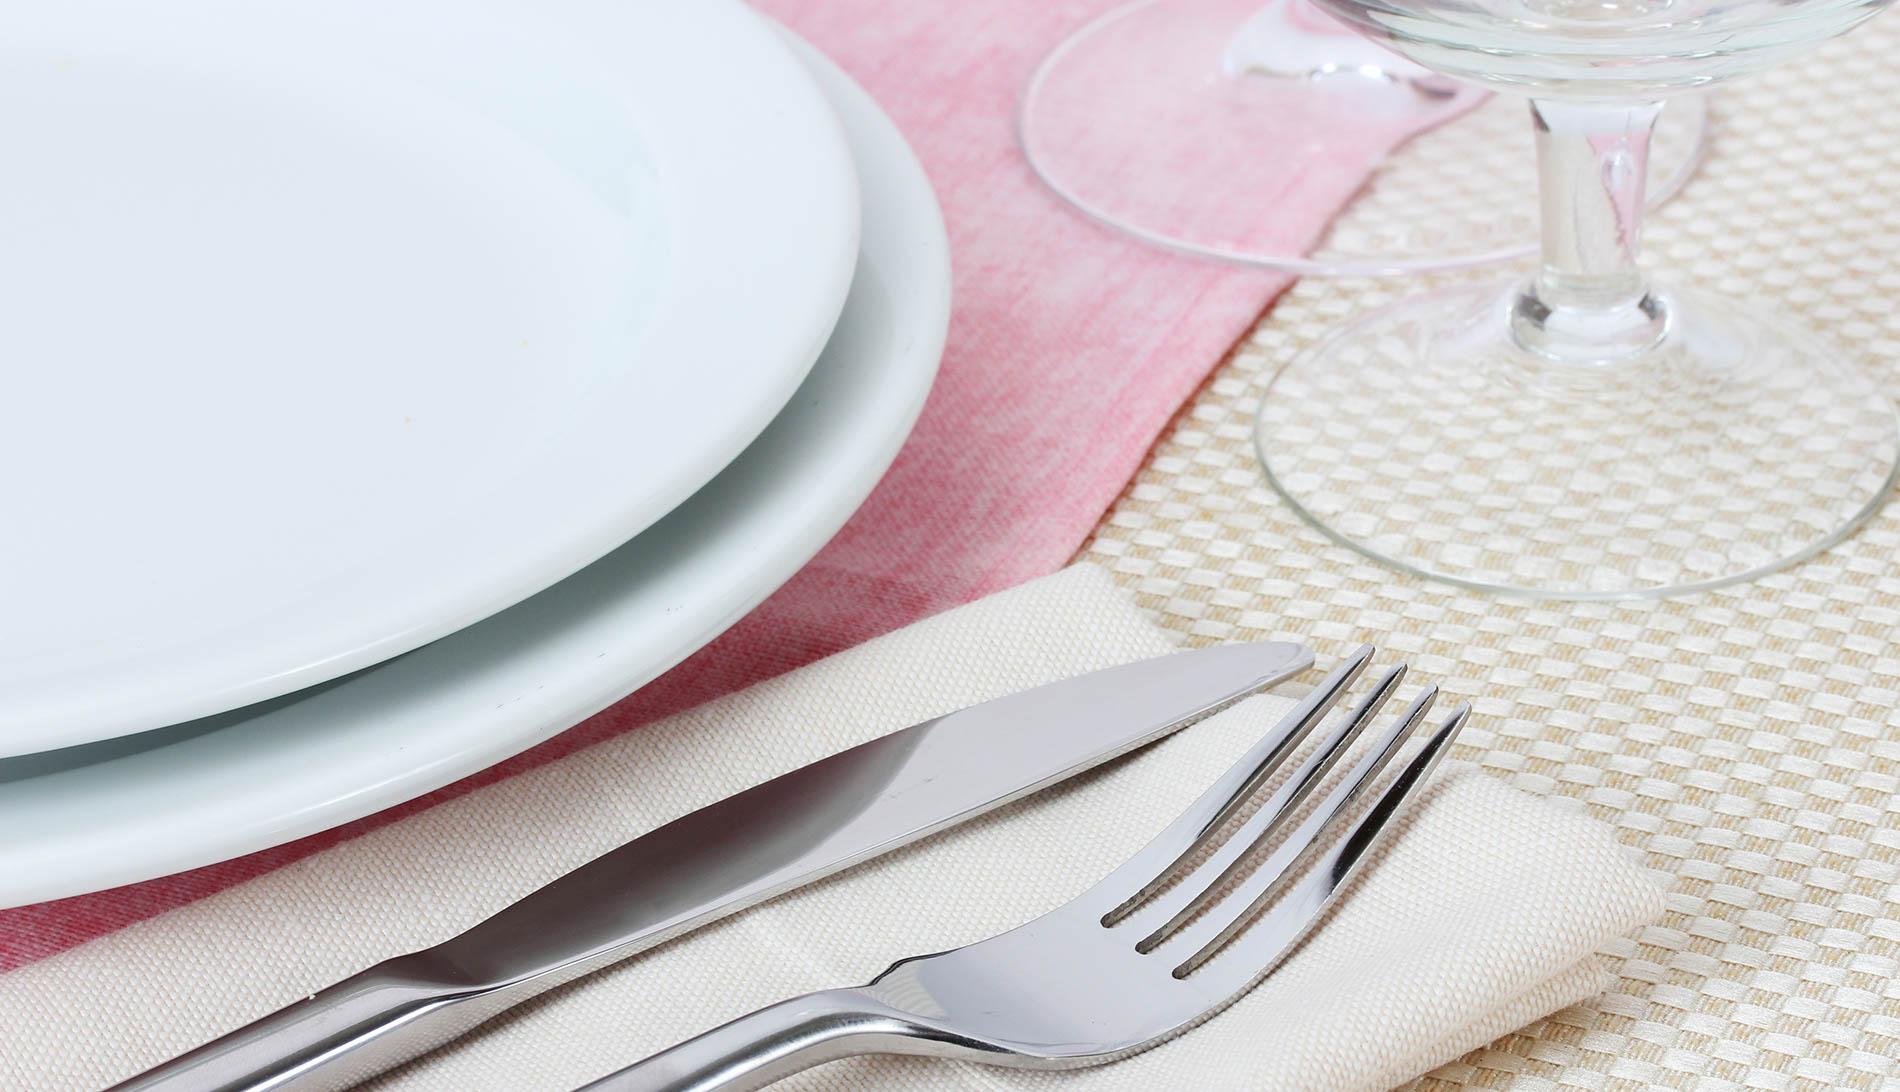 Luxusní provedení přesně do ruky - G21 Gourmet delicate